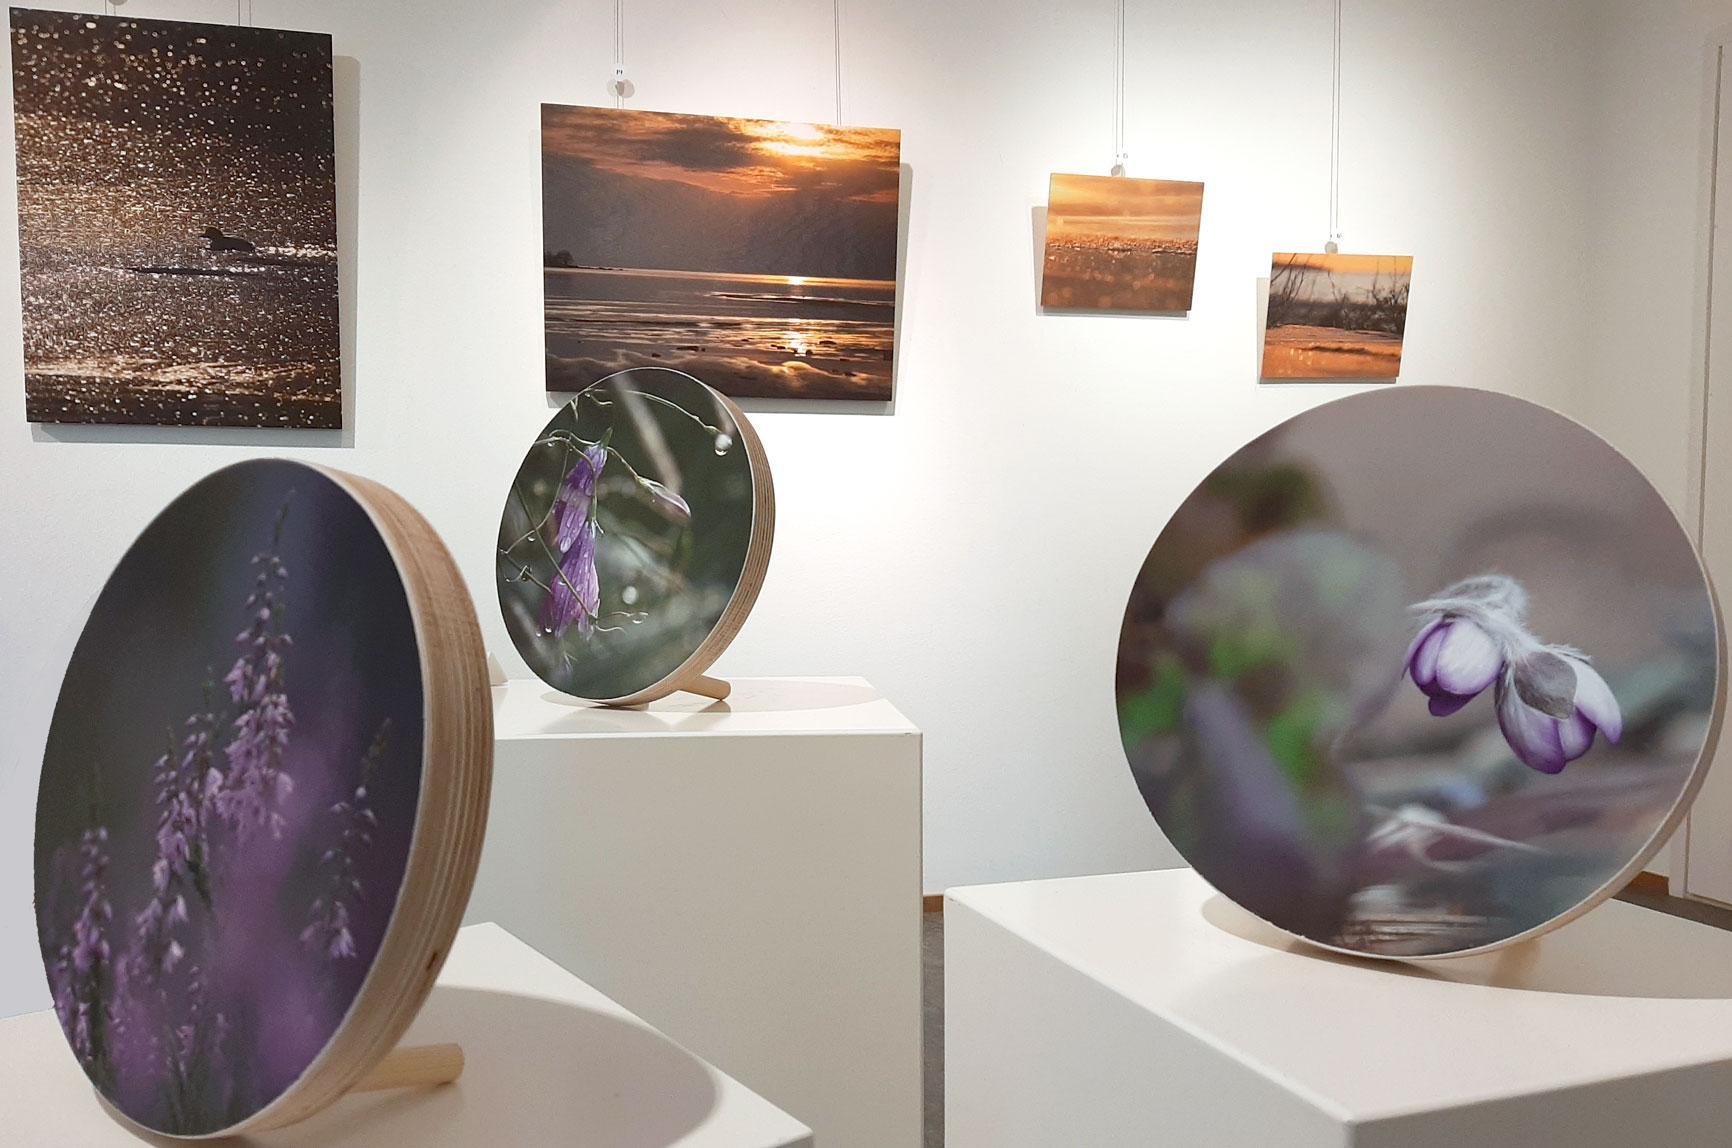 Etualan pyöreät kuvat ovat Katja Tuomalan ottamia, samoin taustalla vasemmalla näkyvä otos telkästä. Muut maisemat ovat Heli Nukin kuvaamia.